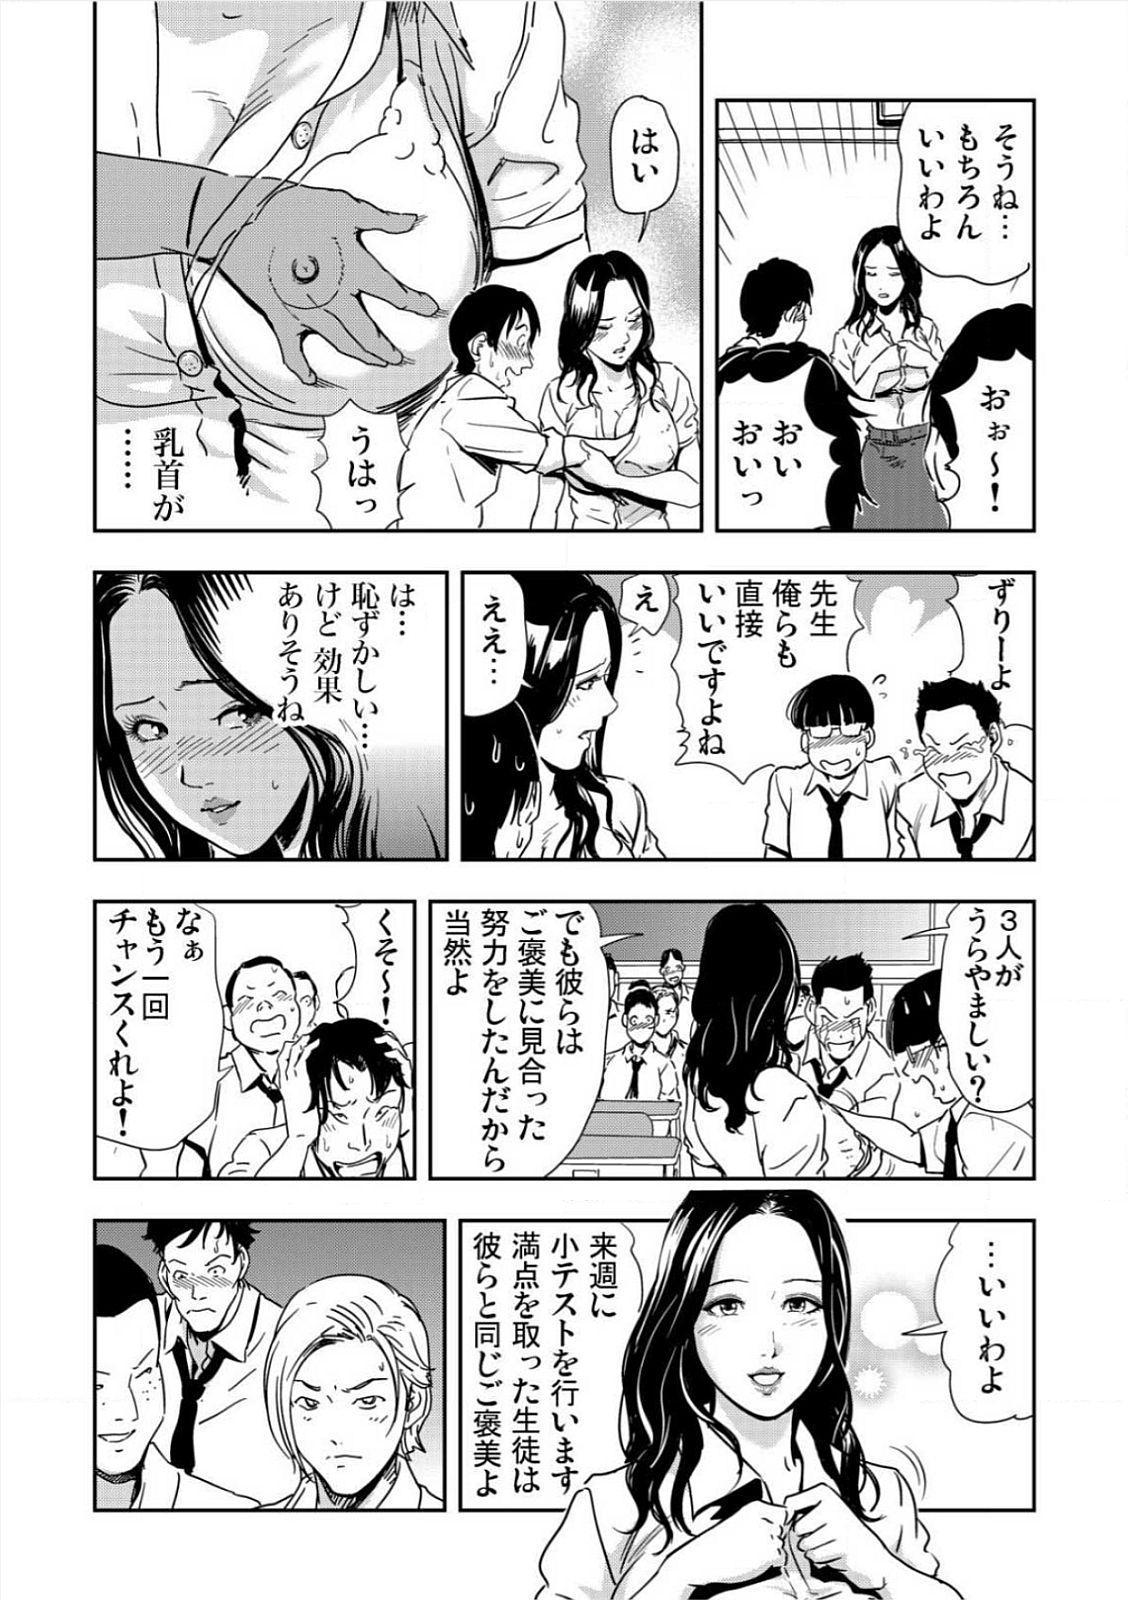 [Misaki Yukihiro] Kyousei Shidou ~Mechakucha ni Kegasarete~ (1)~(6) [Digital] 113